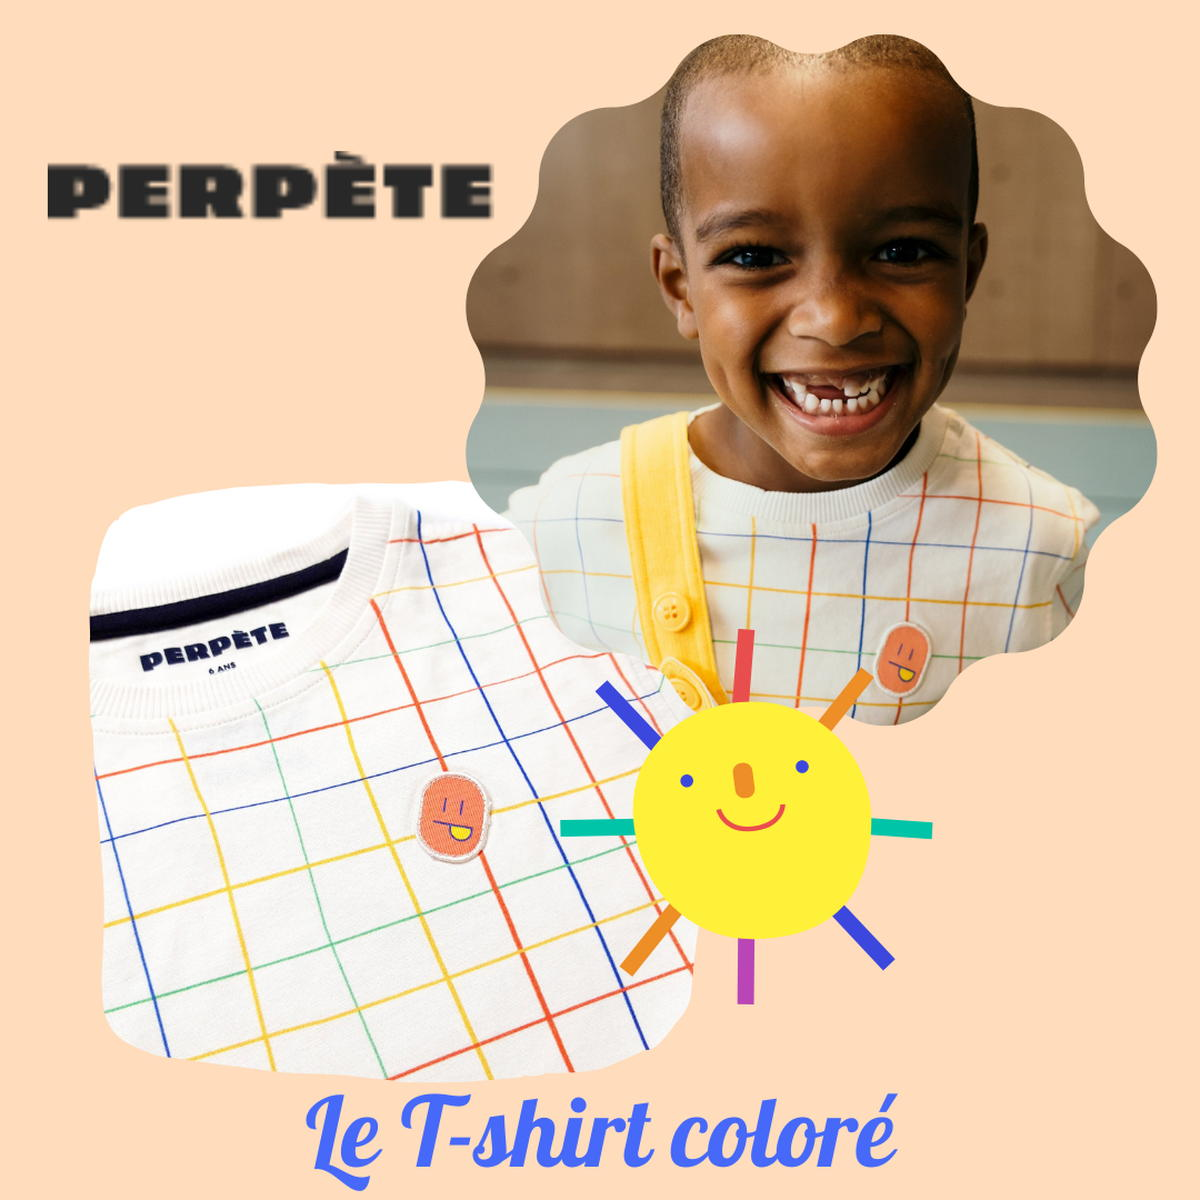 SloWeAre - 6 idées pour habiller les enfants - éco-responsble - T Shirt - fille garçon - Perpète - coton bio - Made in Europe.